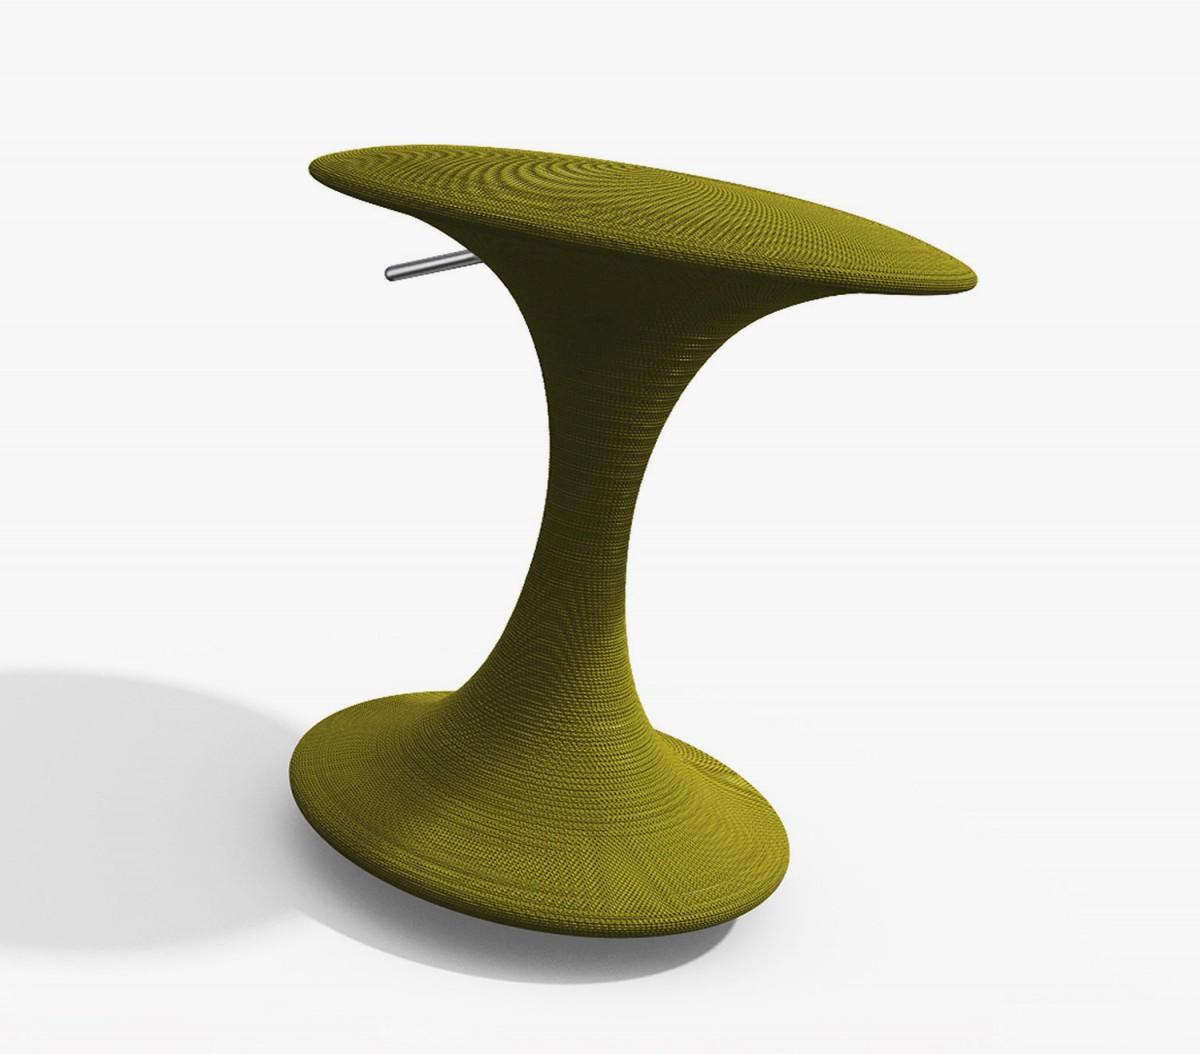 Spool stool by Charles Wilson.